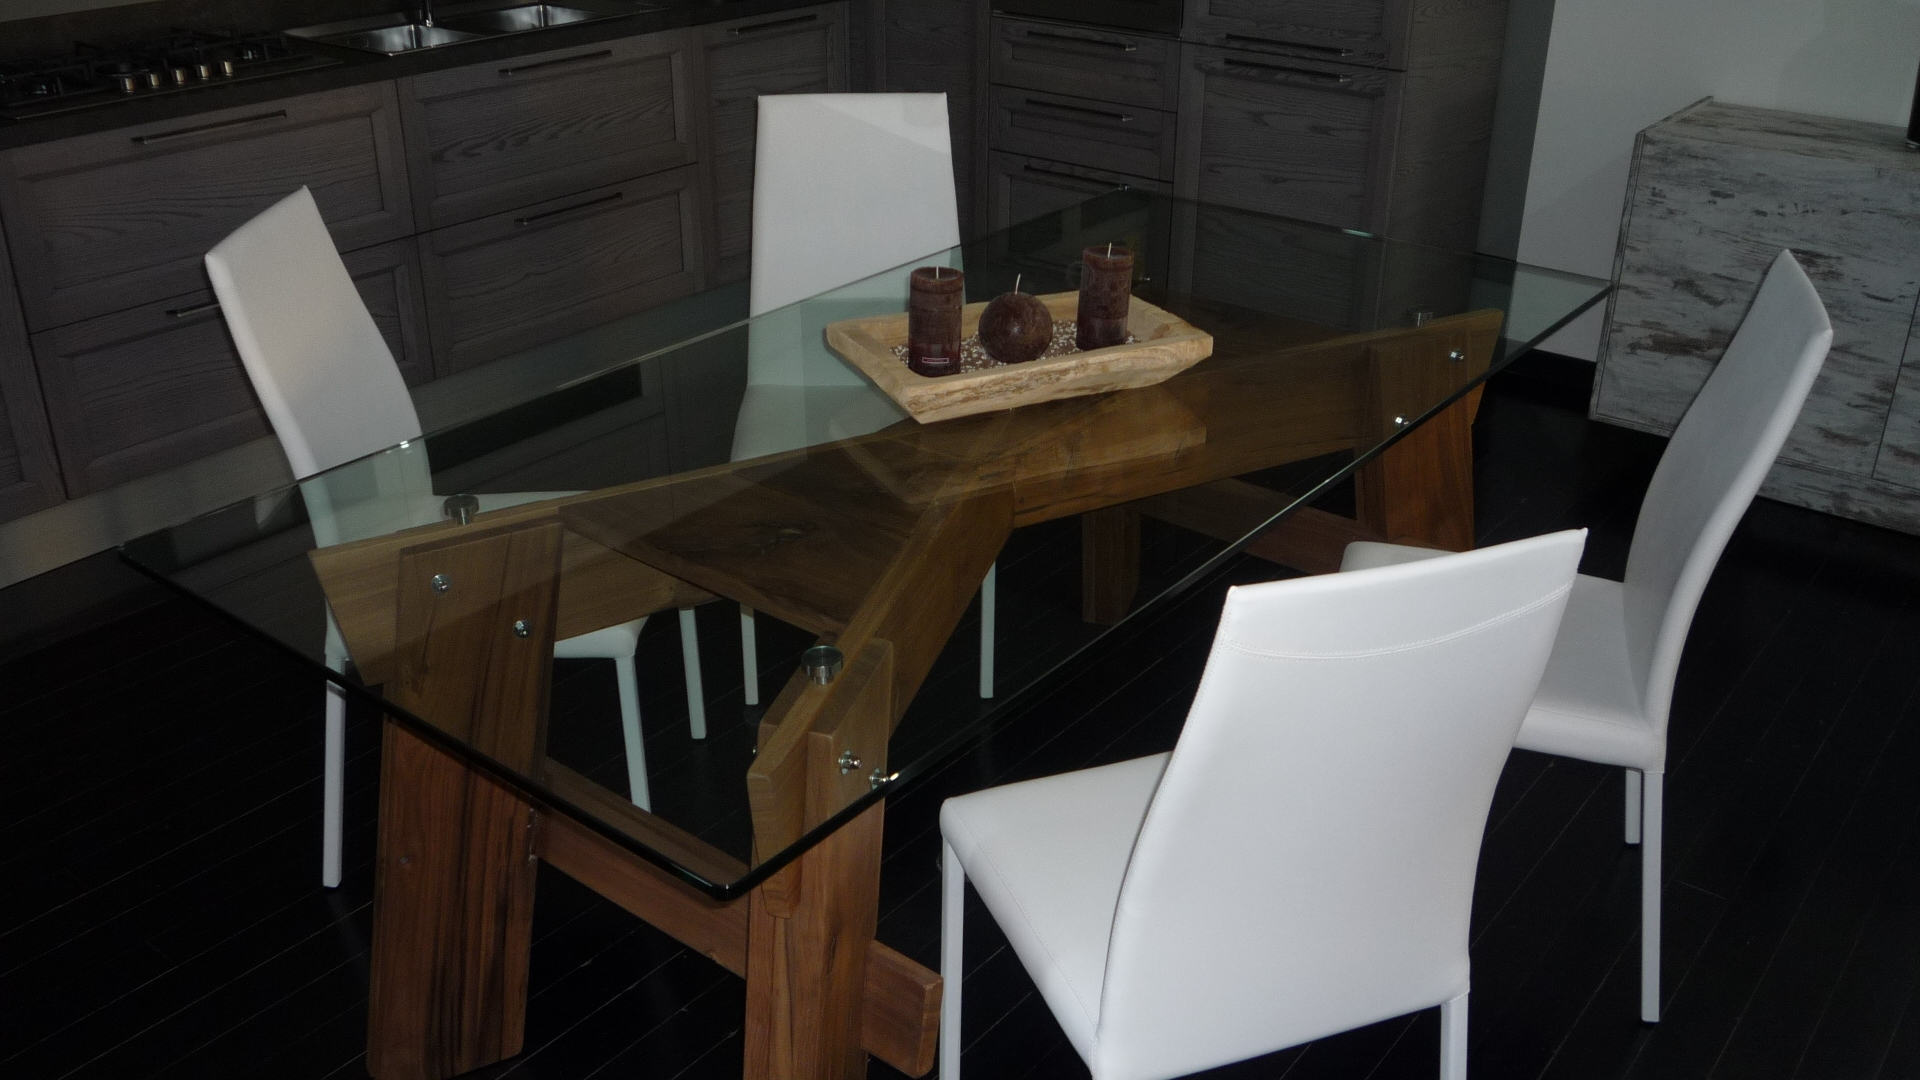 Altezza di un tavolo da cucina : altezza media di un tavolo da ...